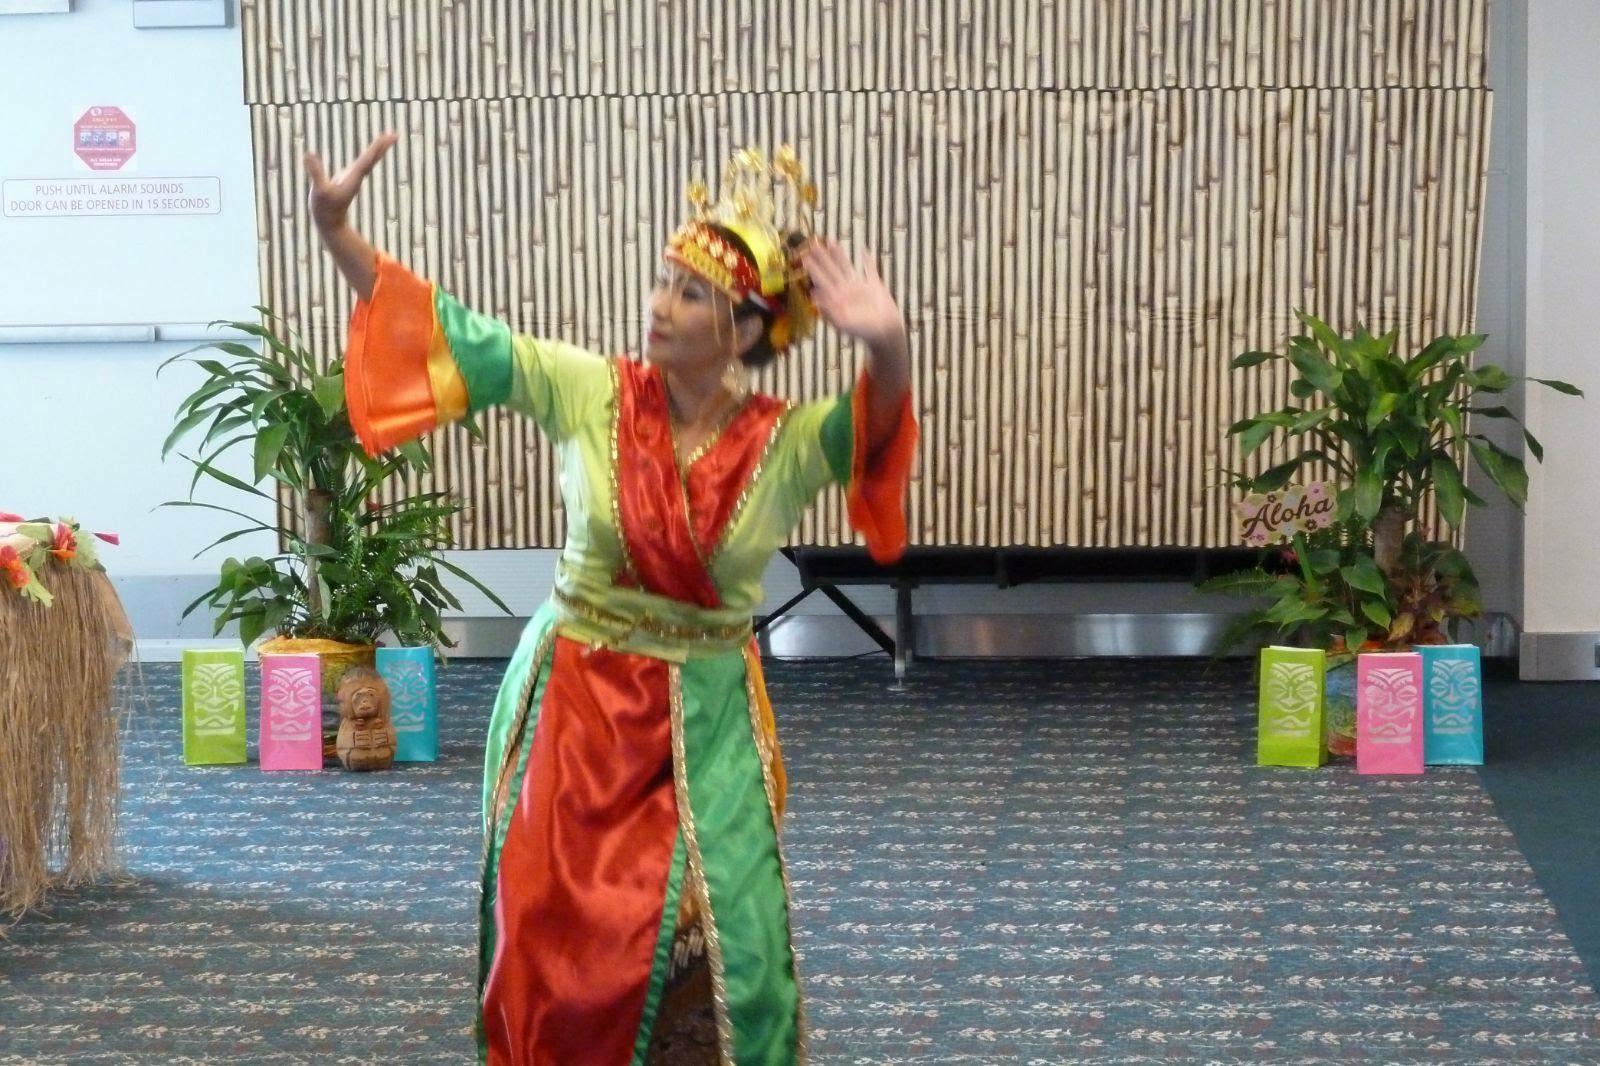 LENGGANG NYAI Dance